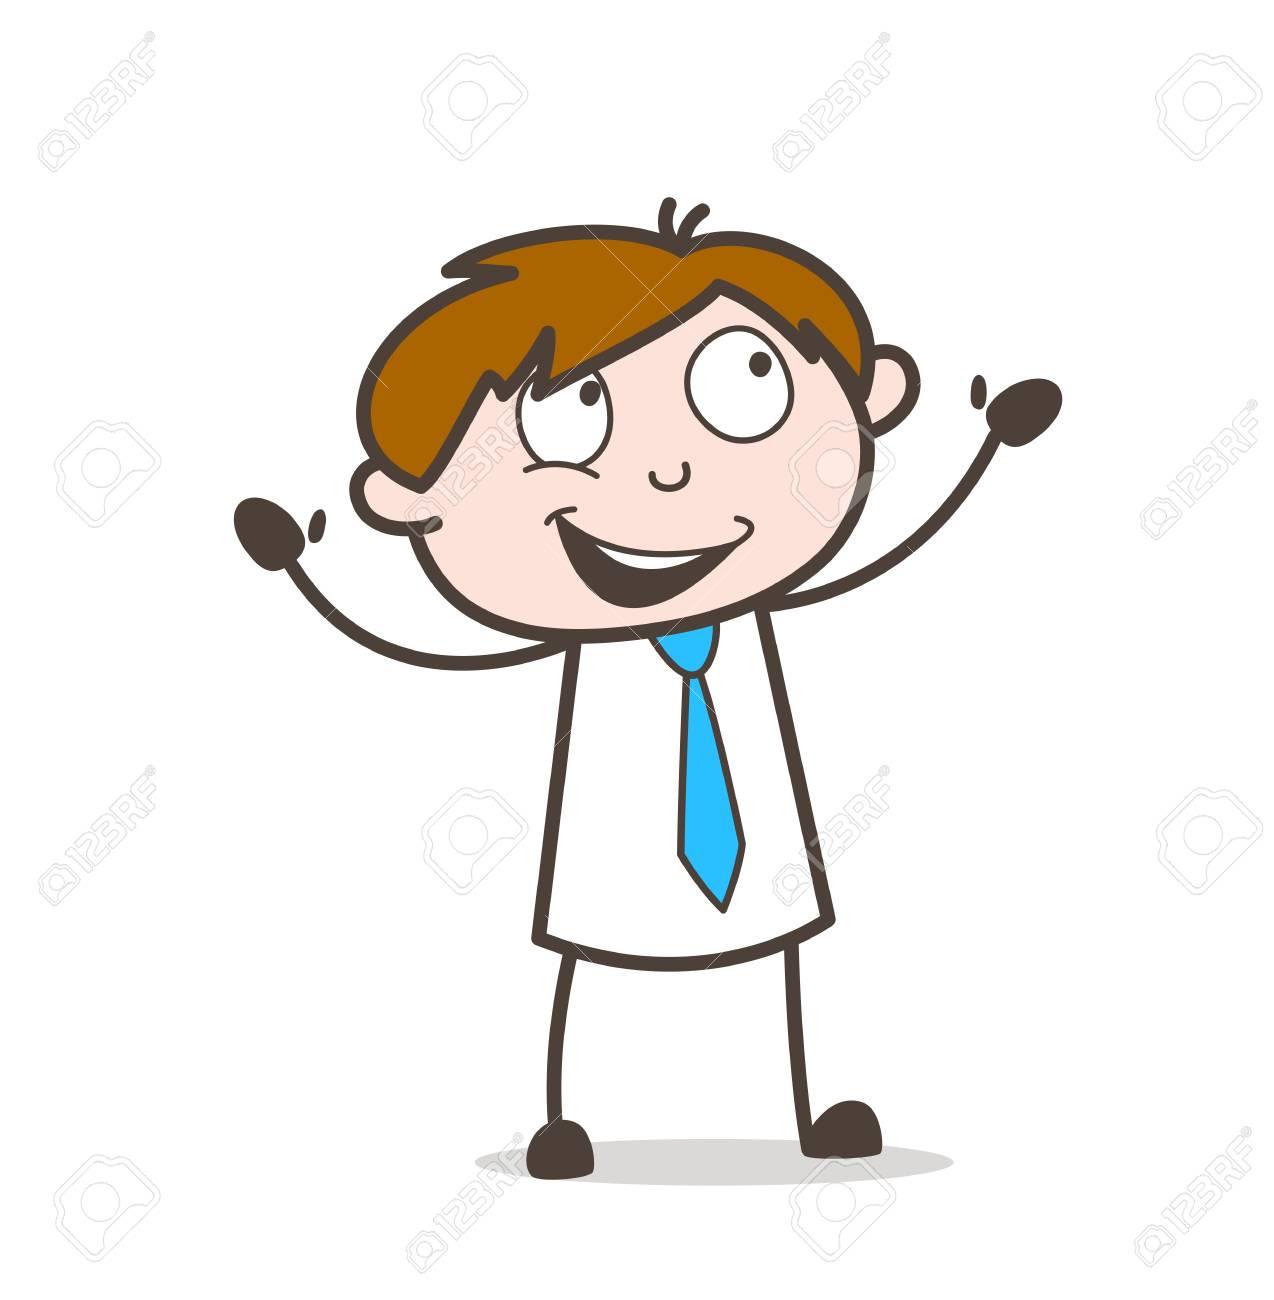 Joyful Cartoon Salesman.